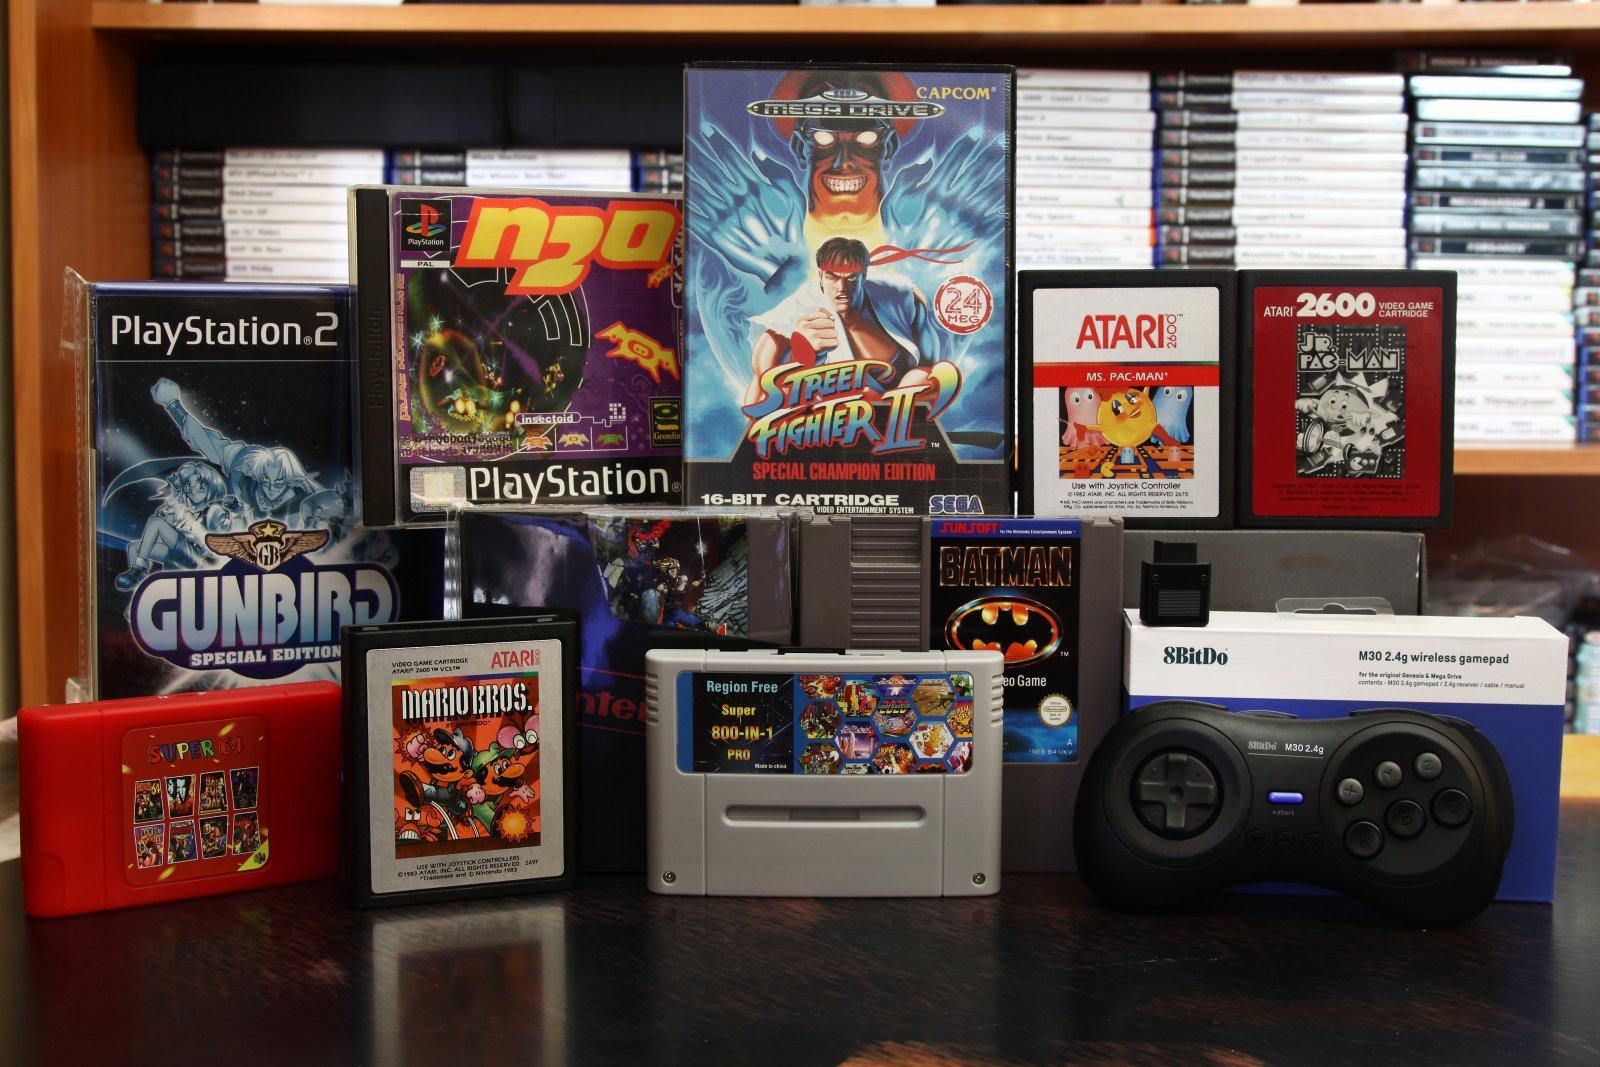 Atari 2600, Sega, PS1, PS2, SNES, N64